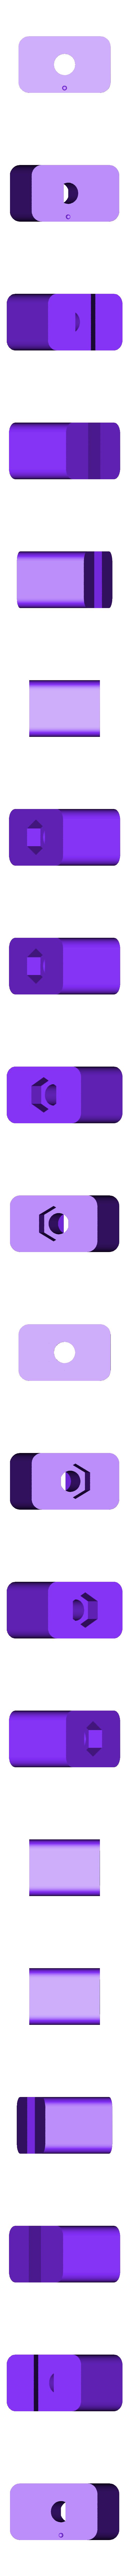 piston 1.stl Descargar archivo STL Mango ergonómico multi-herramienta GoPro Action Cam • Plan de la impresora 3D, McGyver_Ch218